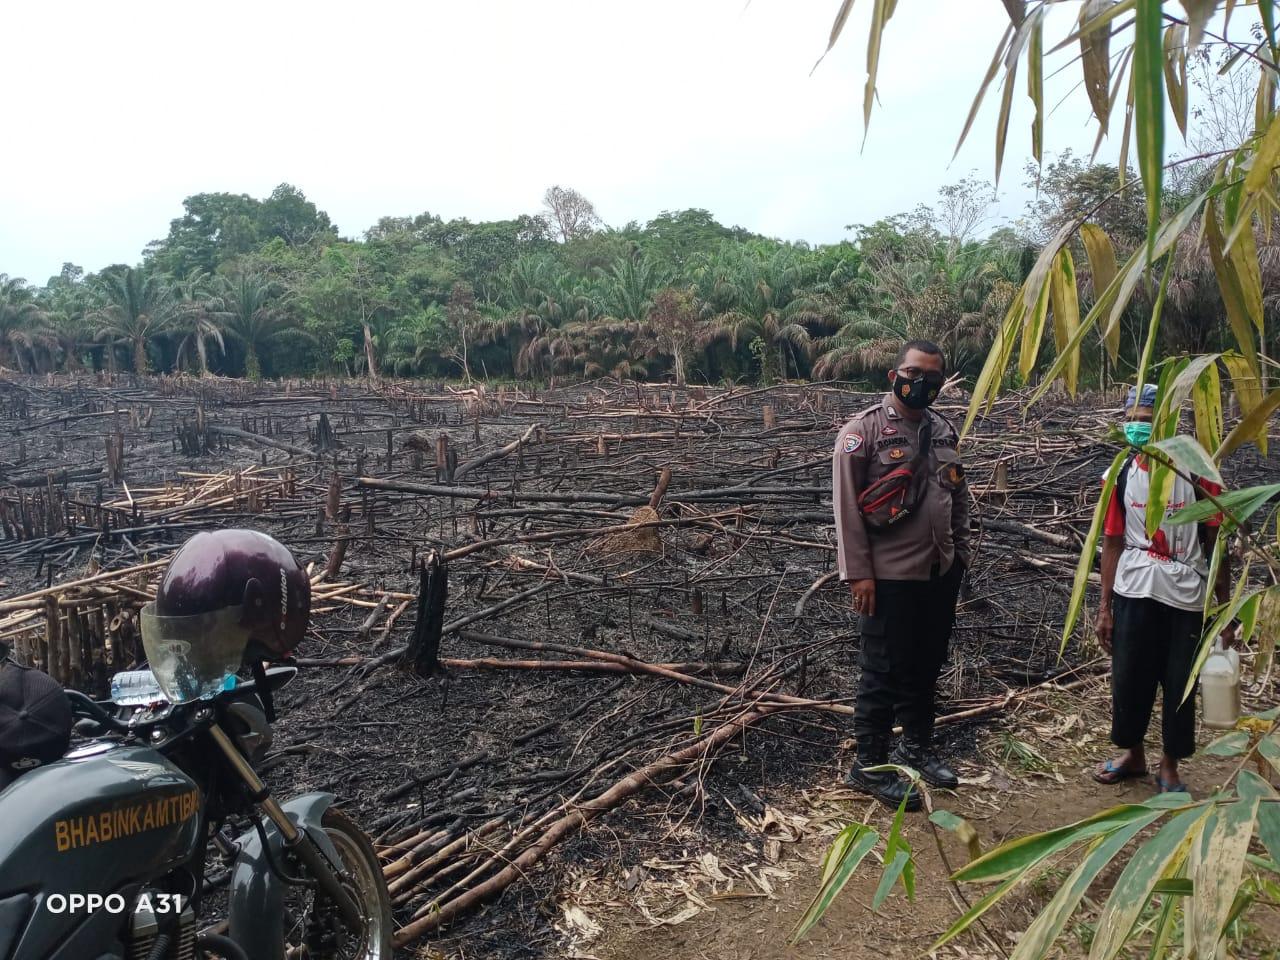 Deteksi Titik Api, Personel Polsek Sengah Temila Langsung Datangi Lokasi